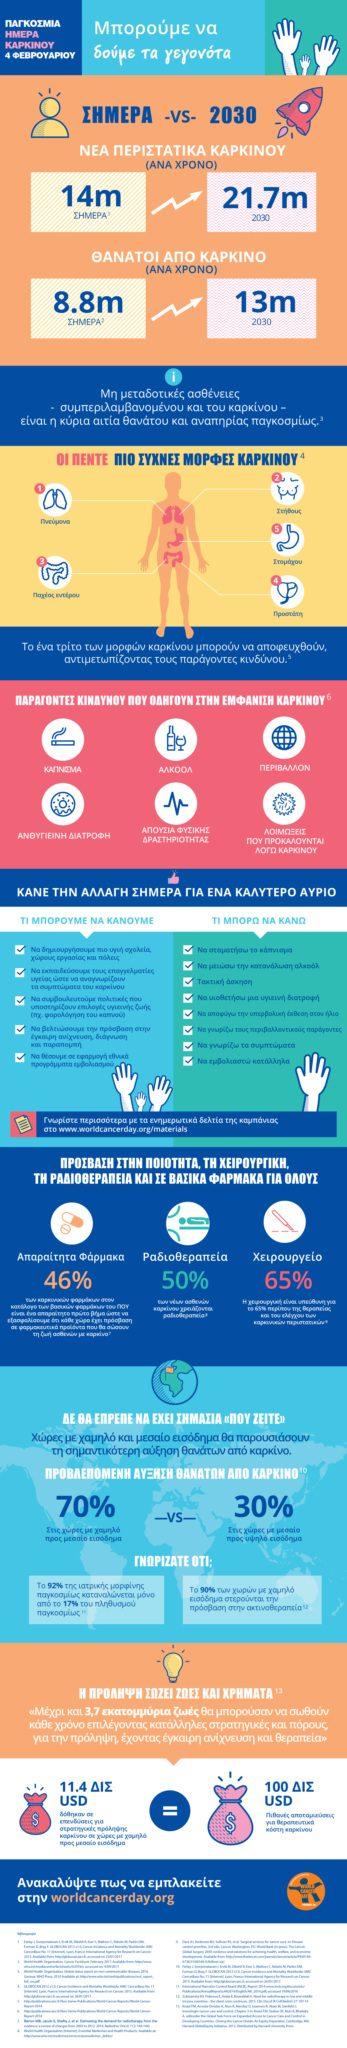 karkinos-kai-diatrofi-infographic